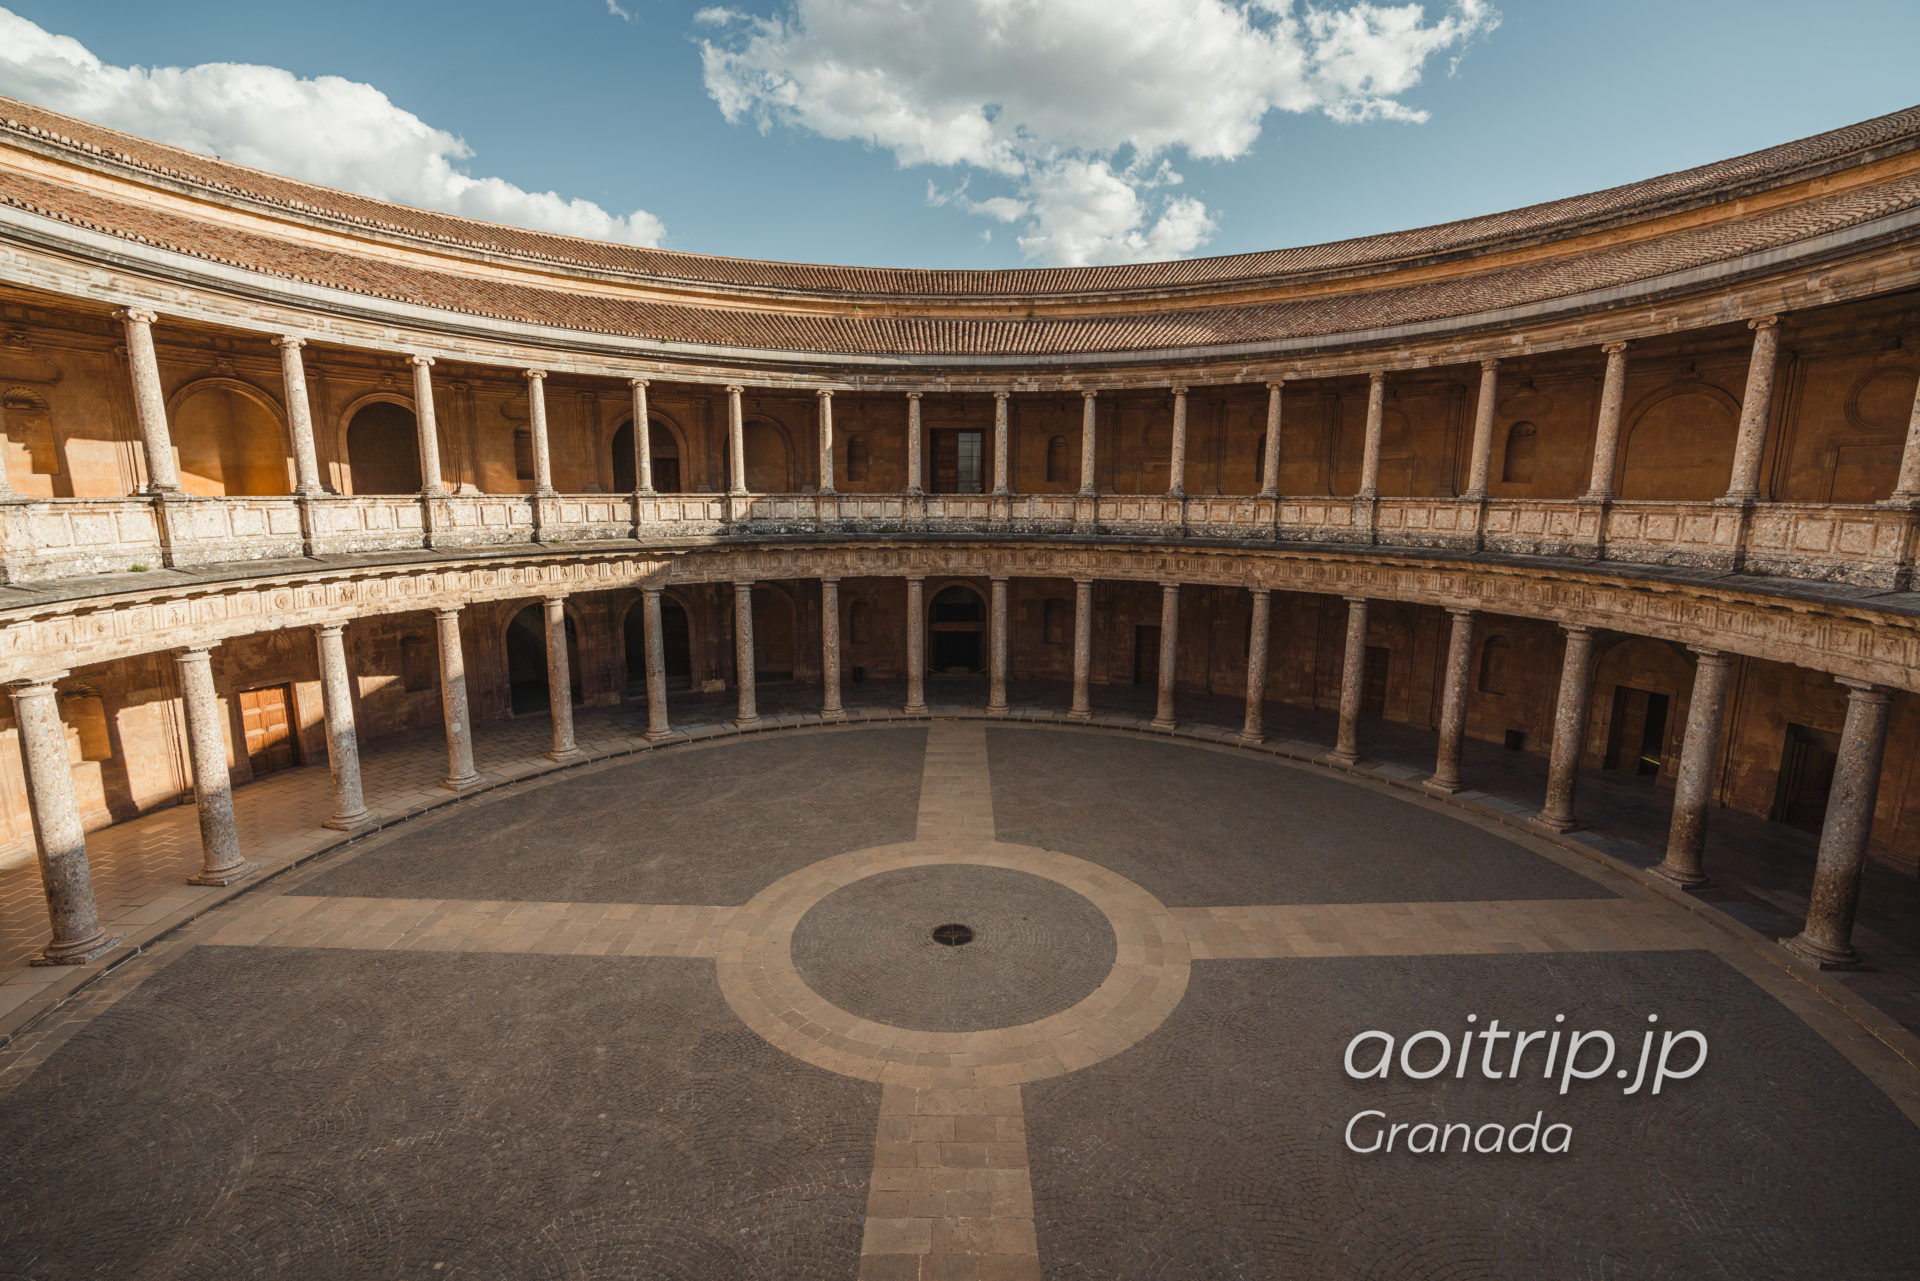 カルロス5世宮殿 Palacio de Carlos V